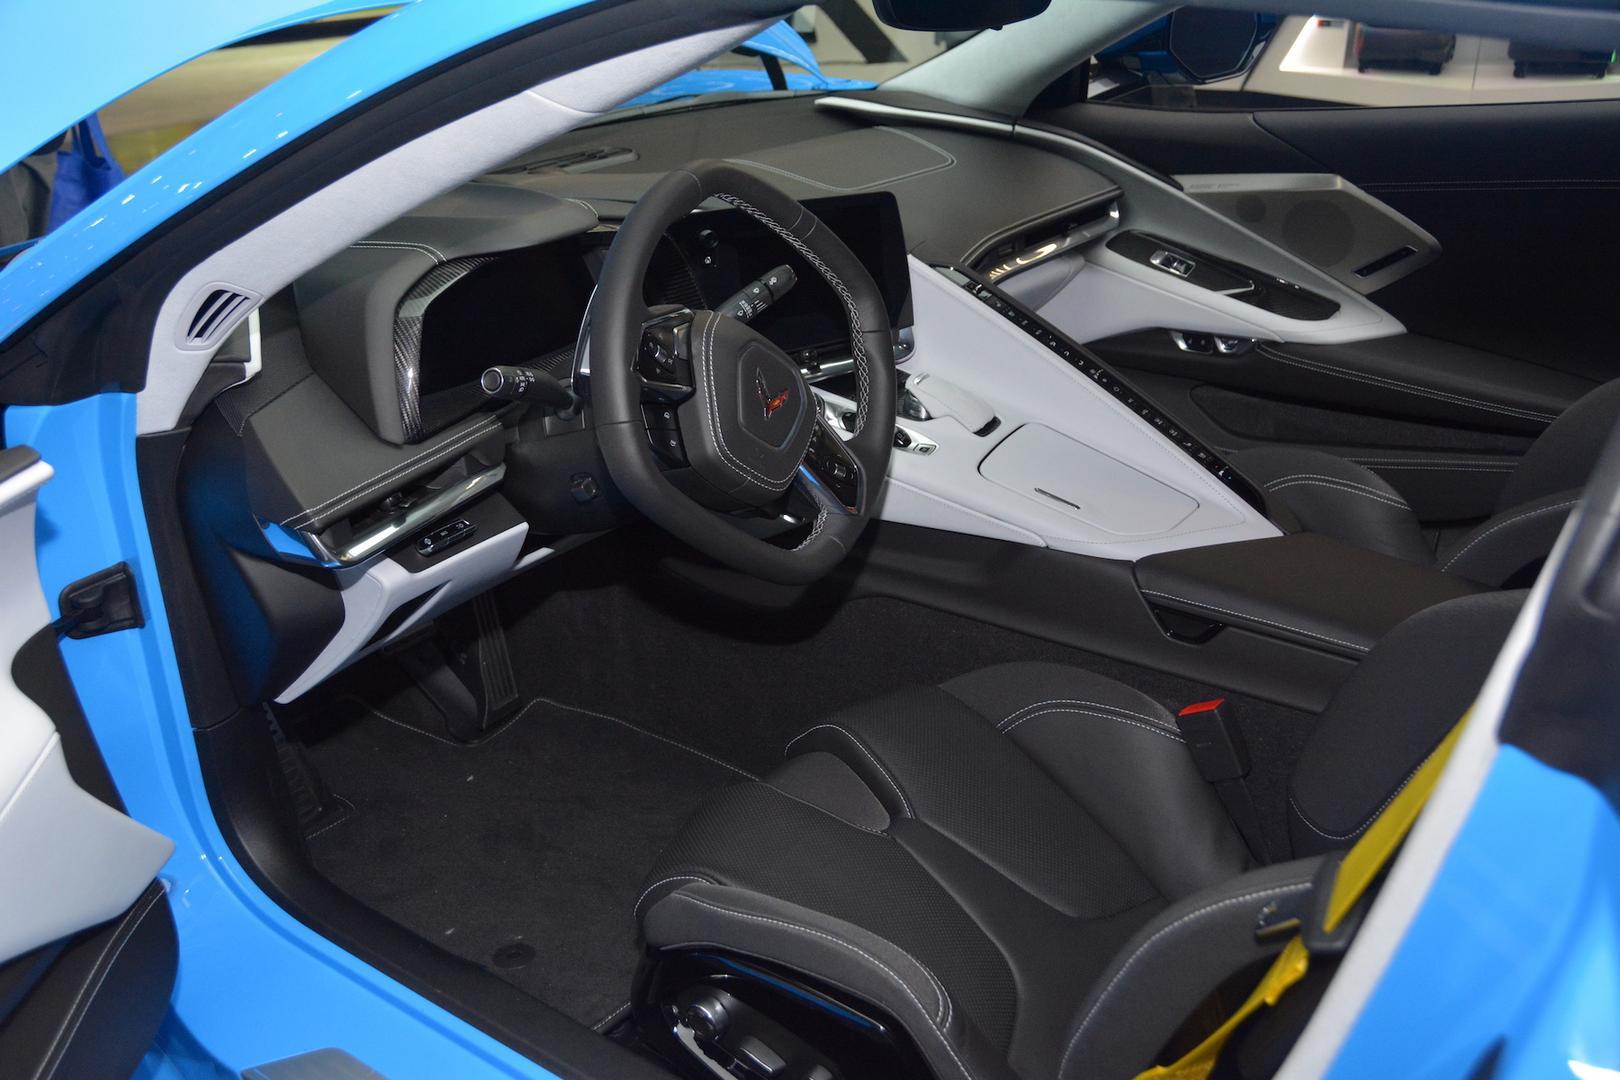 2020 Corvette C8 Interior